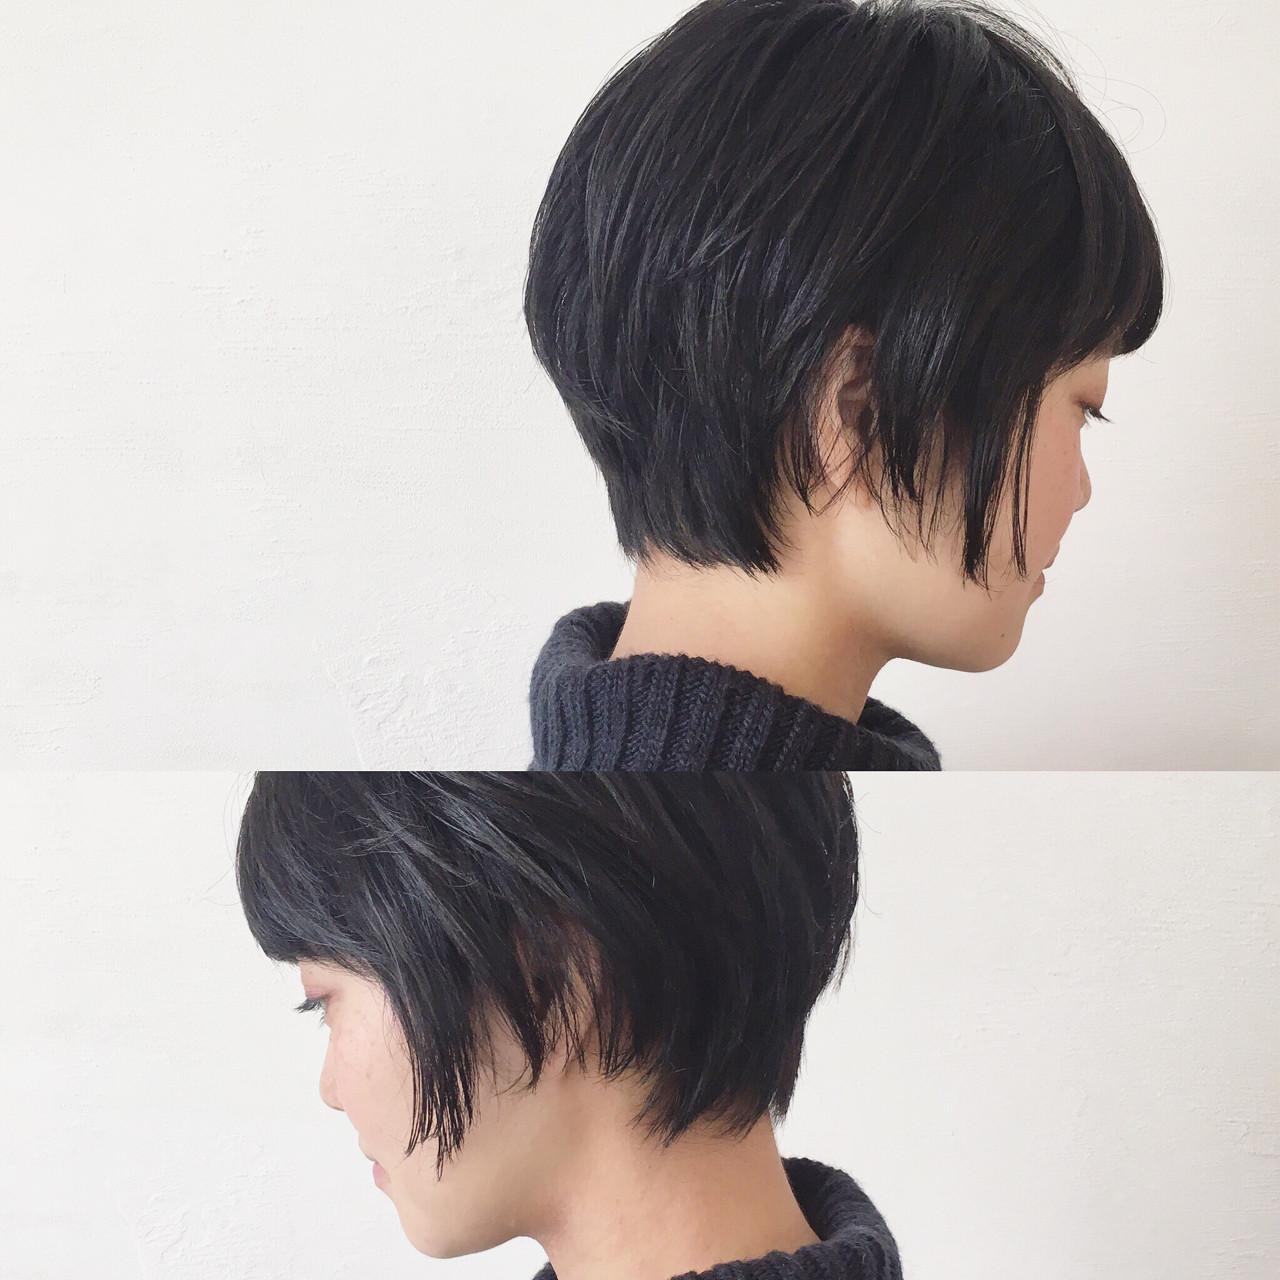 暗髪 ニュアンス ショートボブ ショート ヘアスタイルや髪型の写真・画像